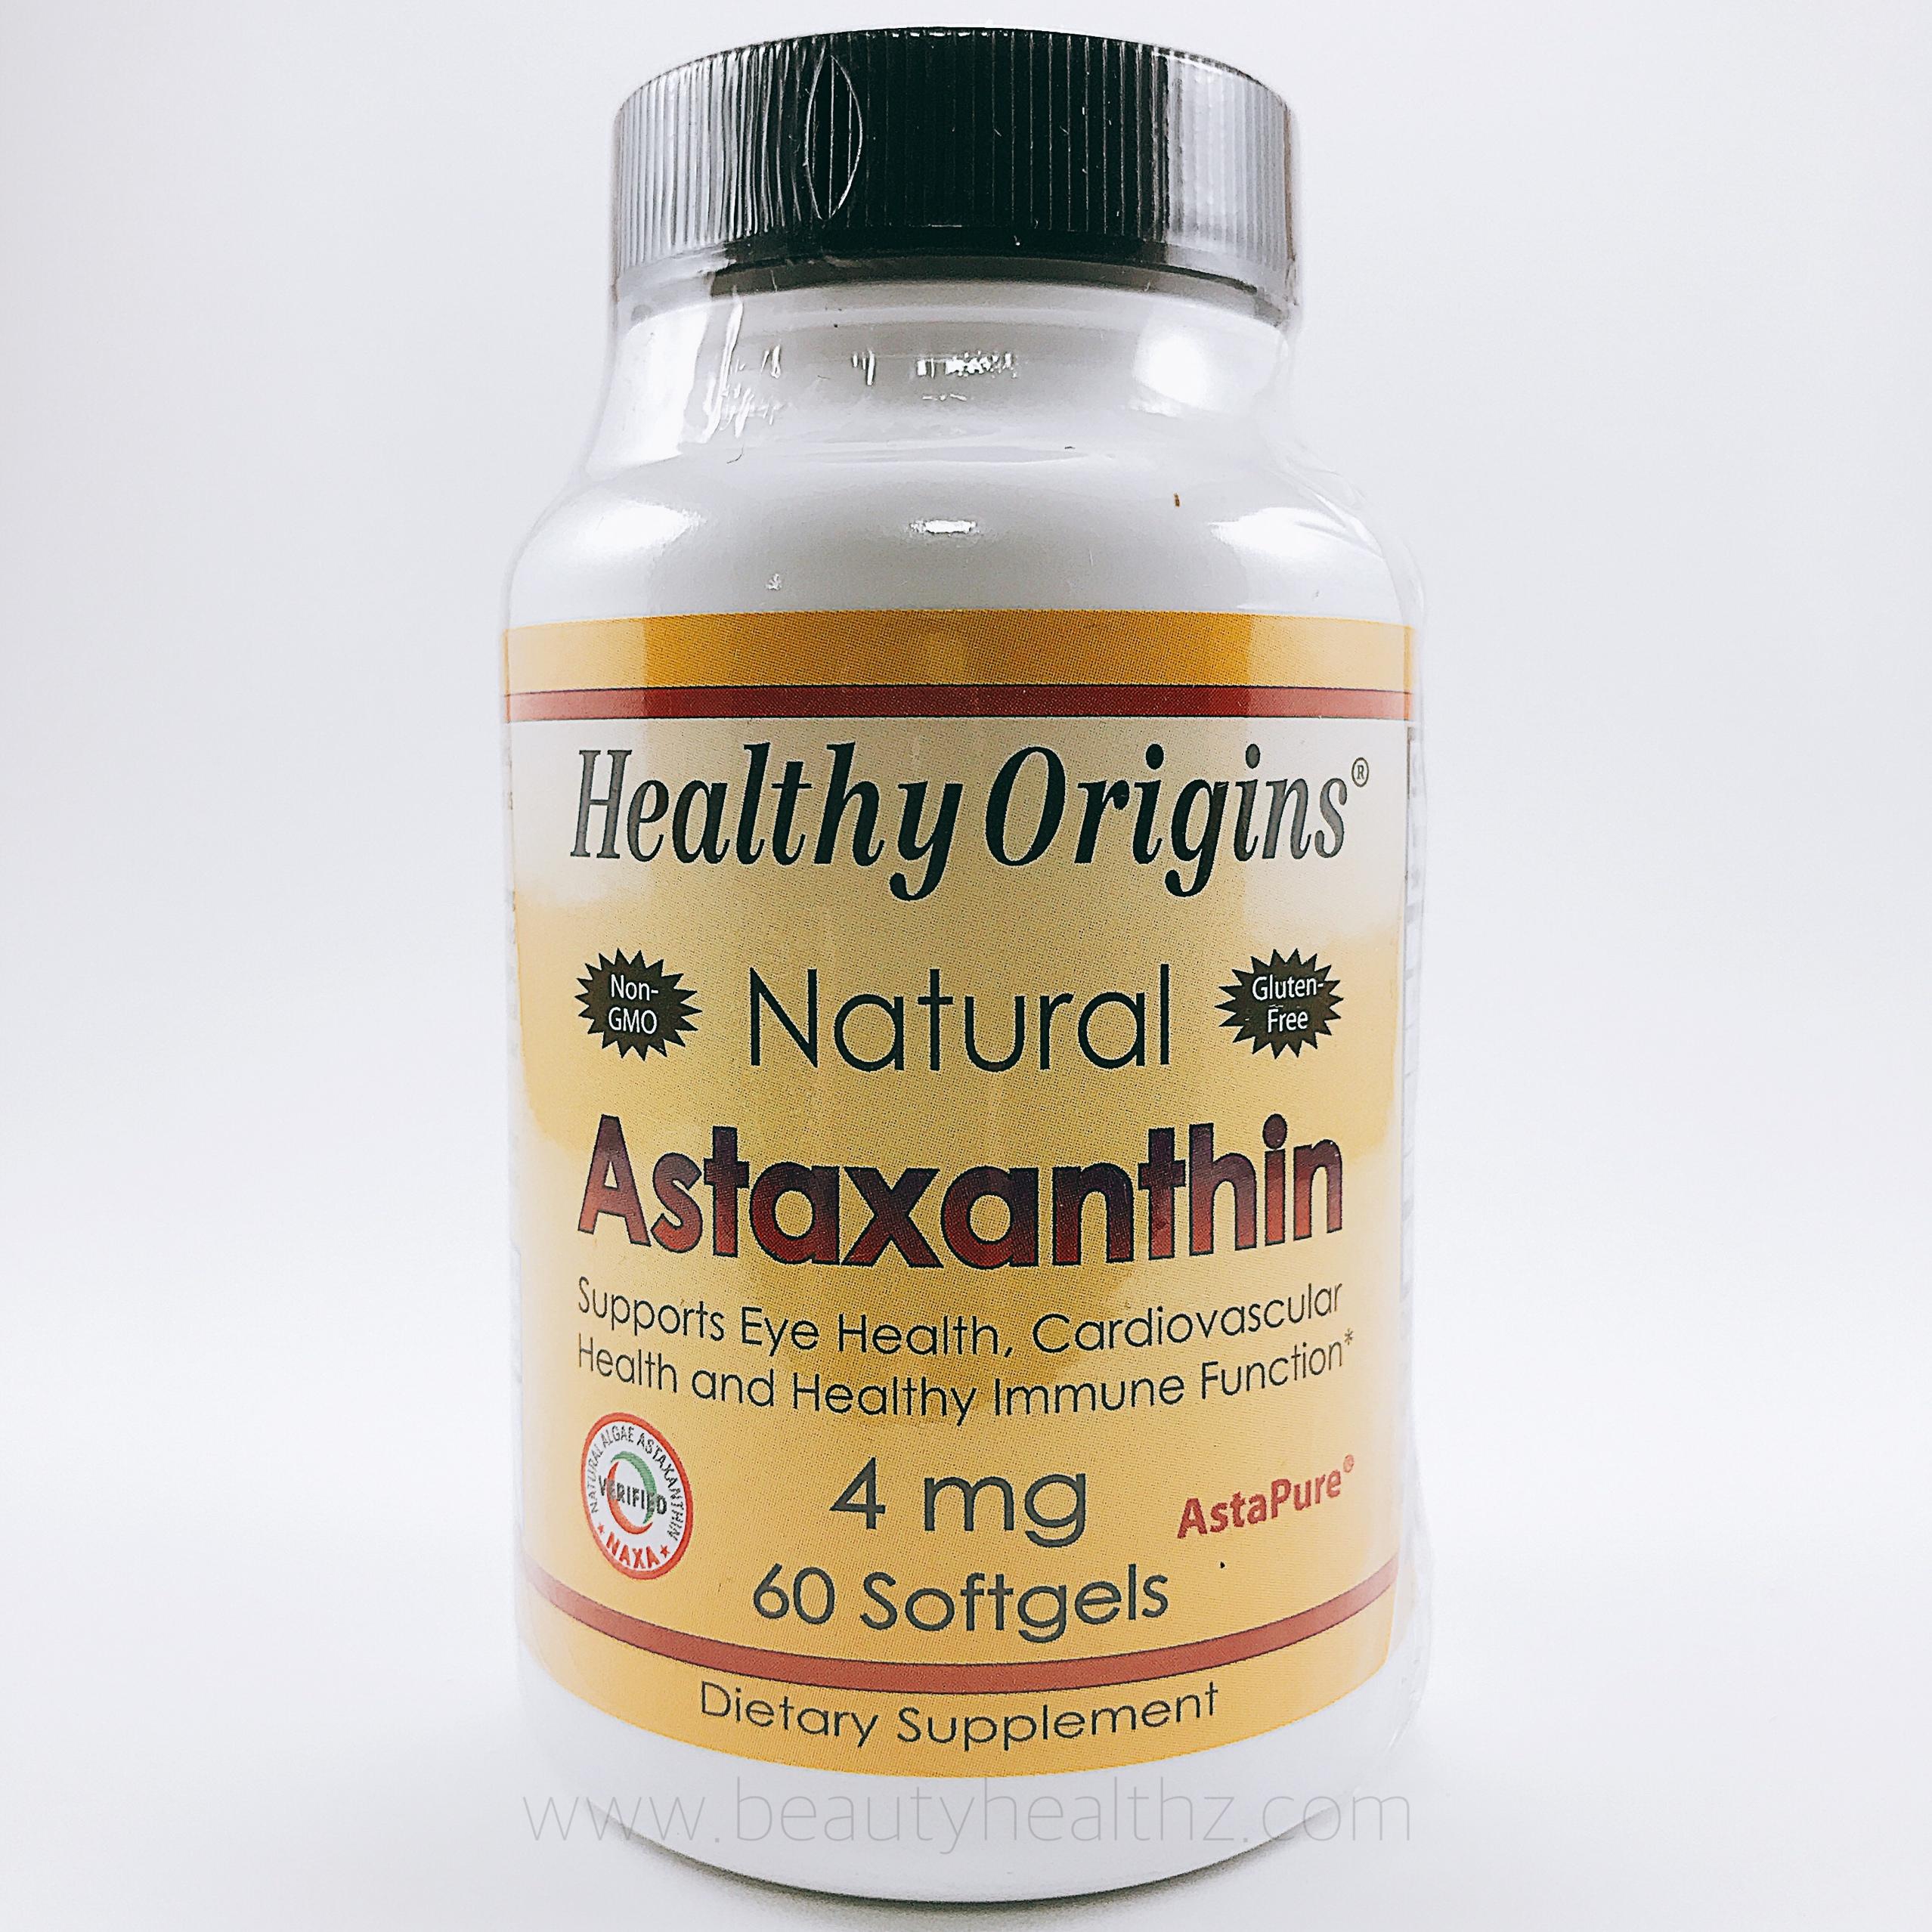 Healthy Origins, Astaxanthin, 4 mg, 60 Softgels